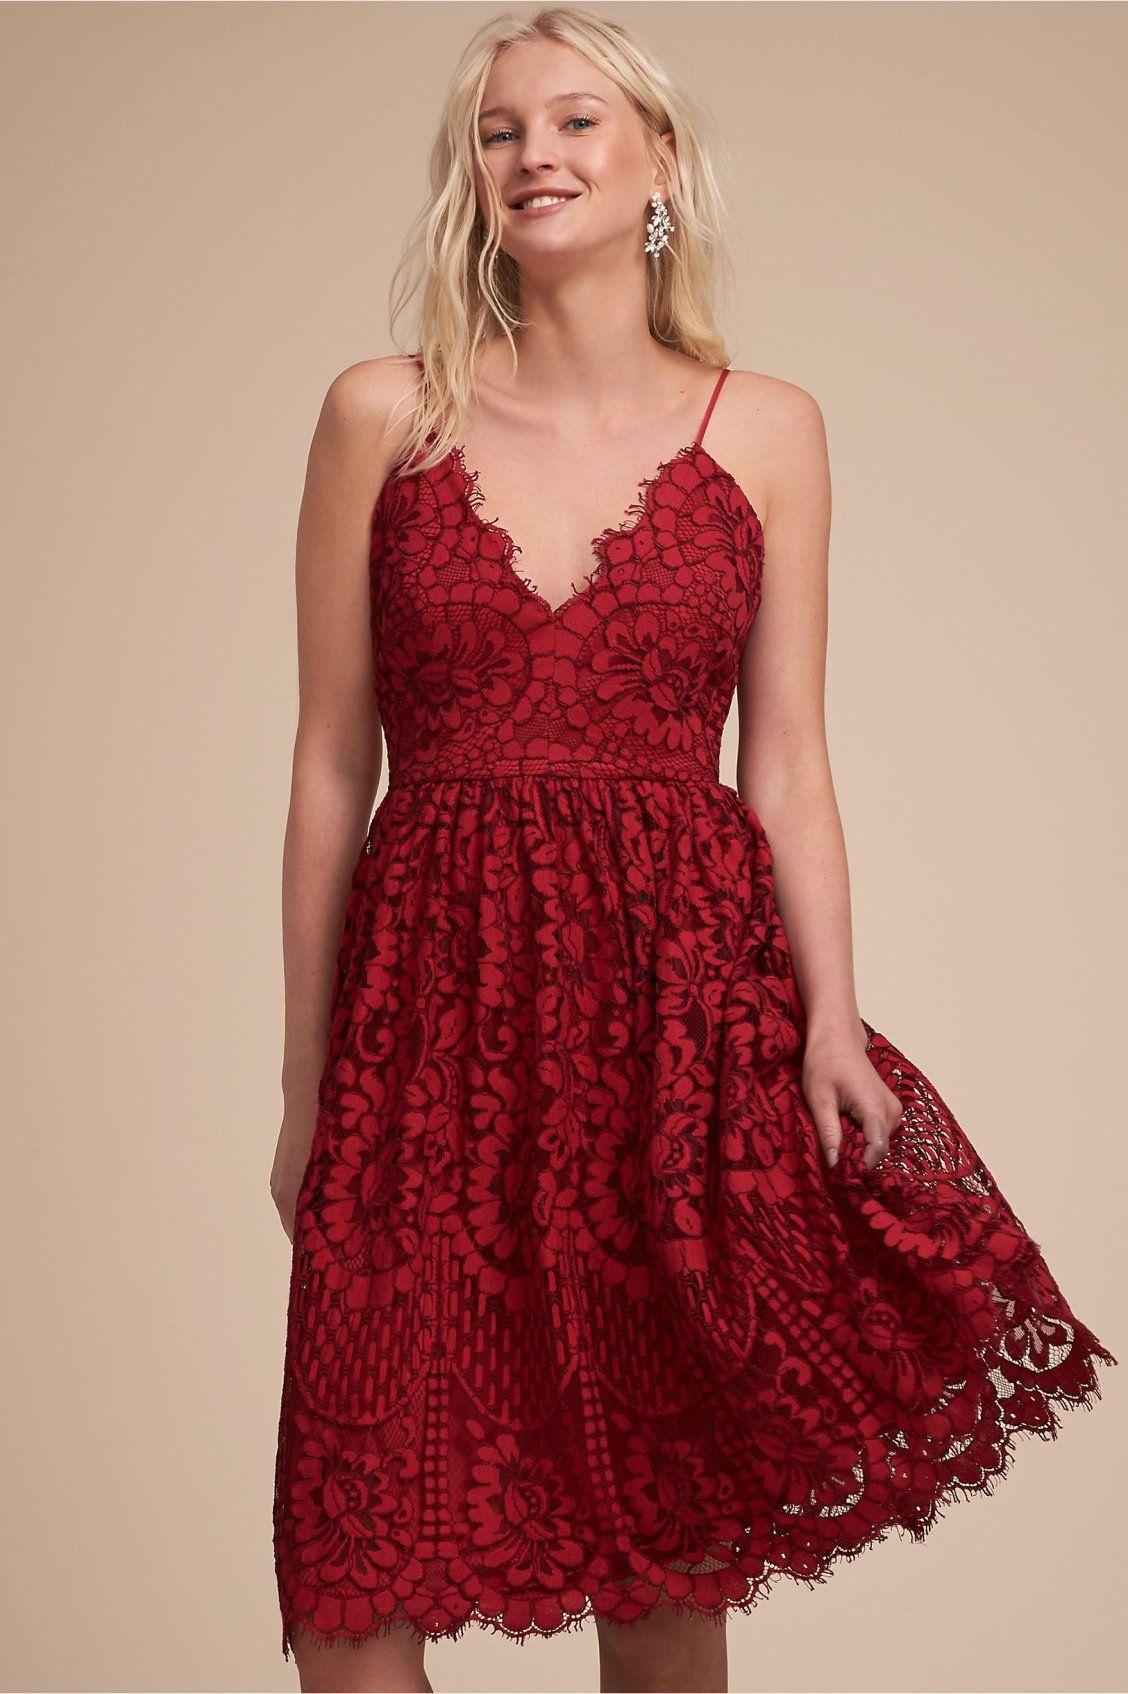 b941b6d82d Tate Dress from BHLDN